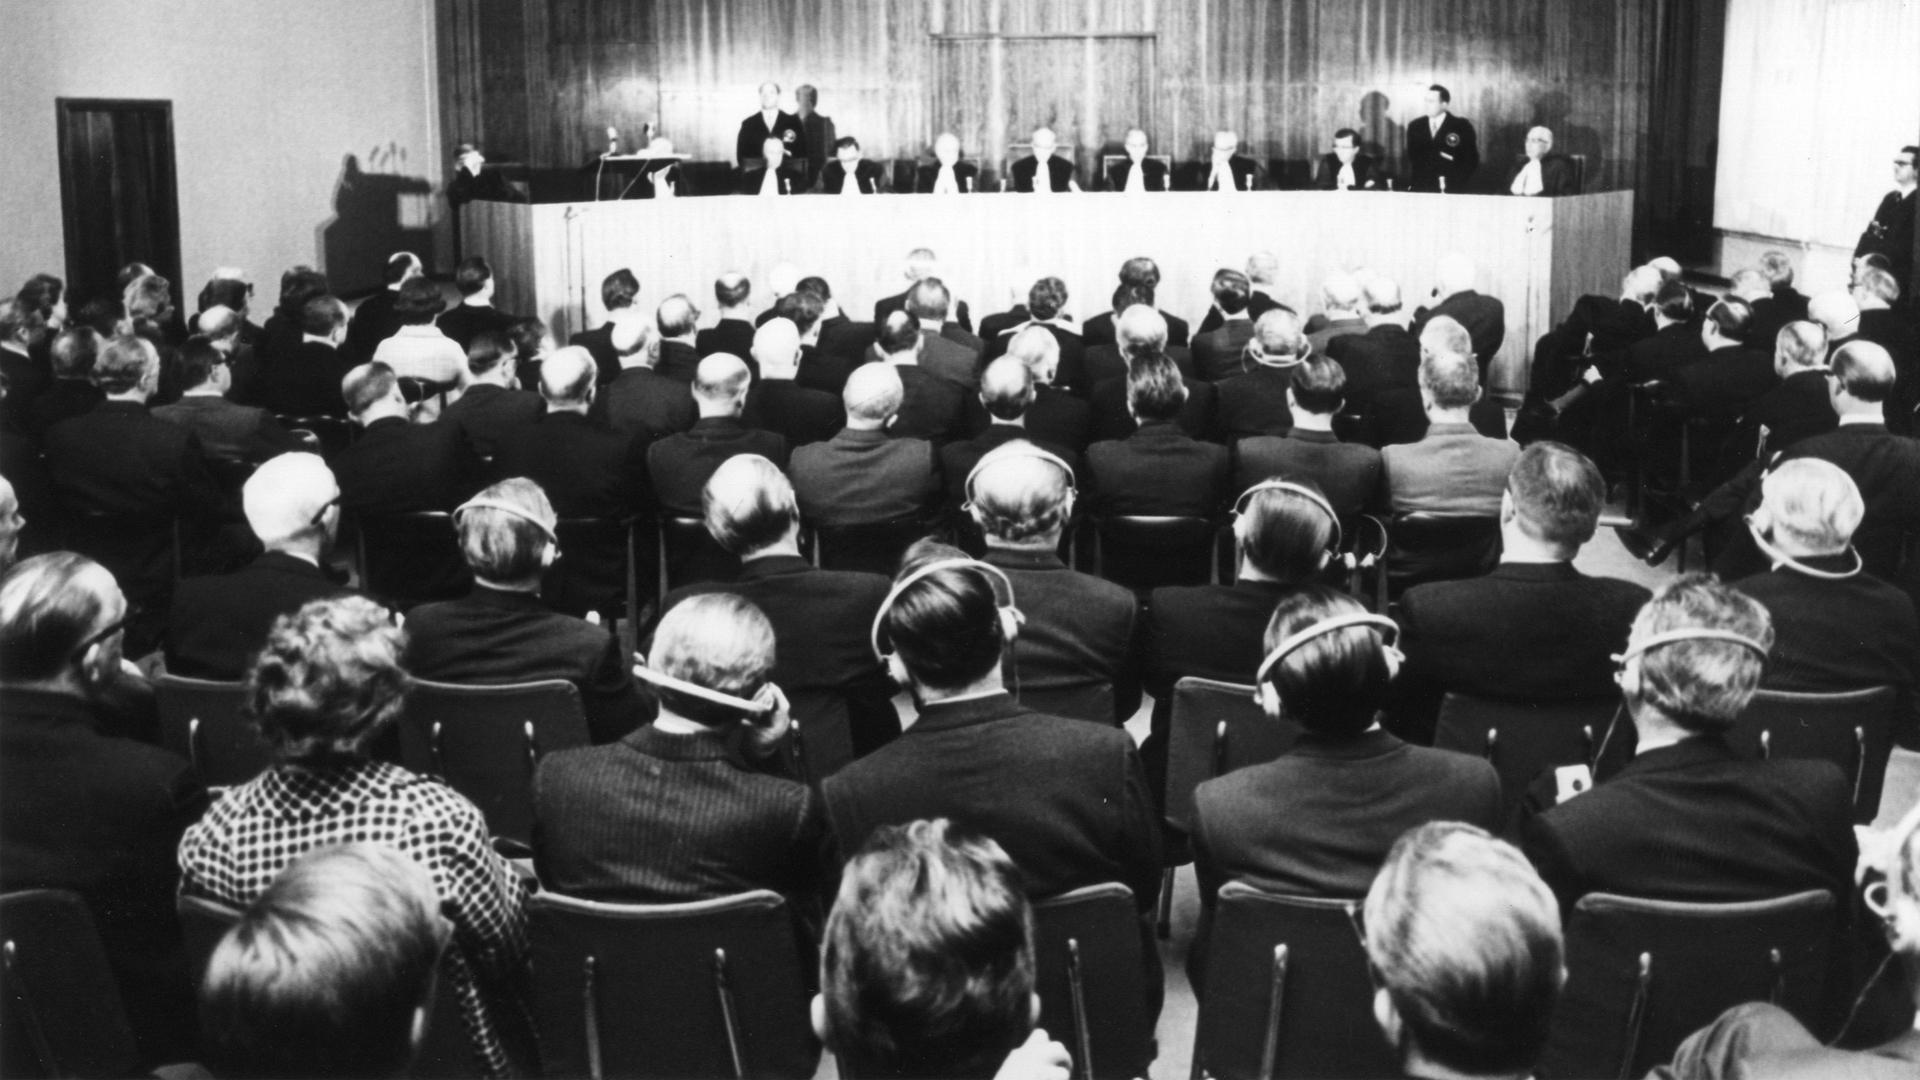 Europos Teisingumo Teismas 1964 m.: teisėjai skelbia nuosprendį, salė pilna žiūrovų